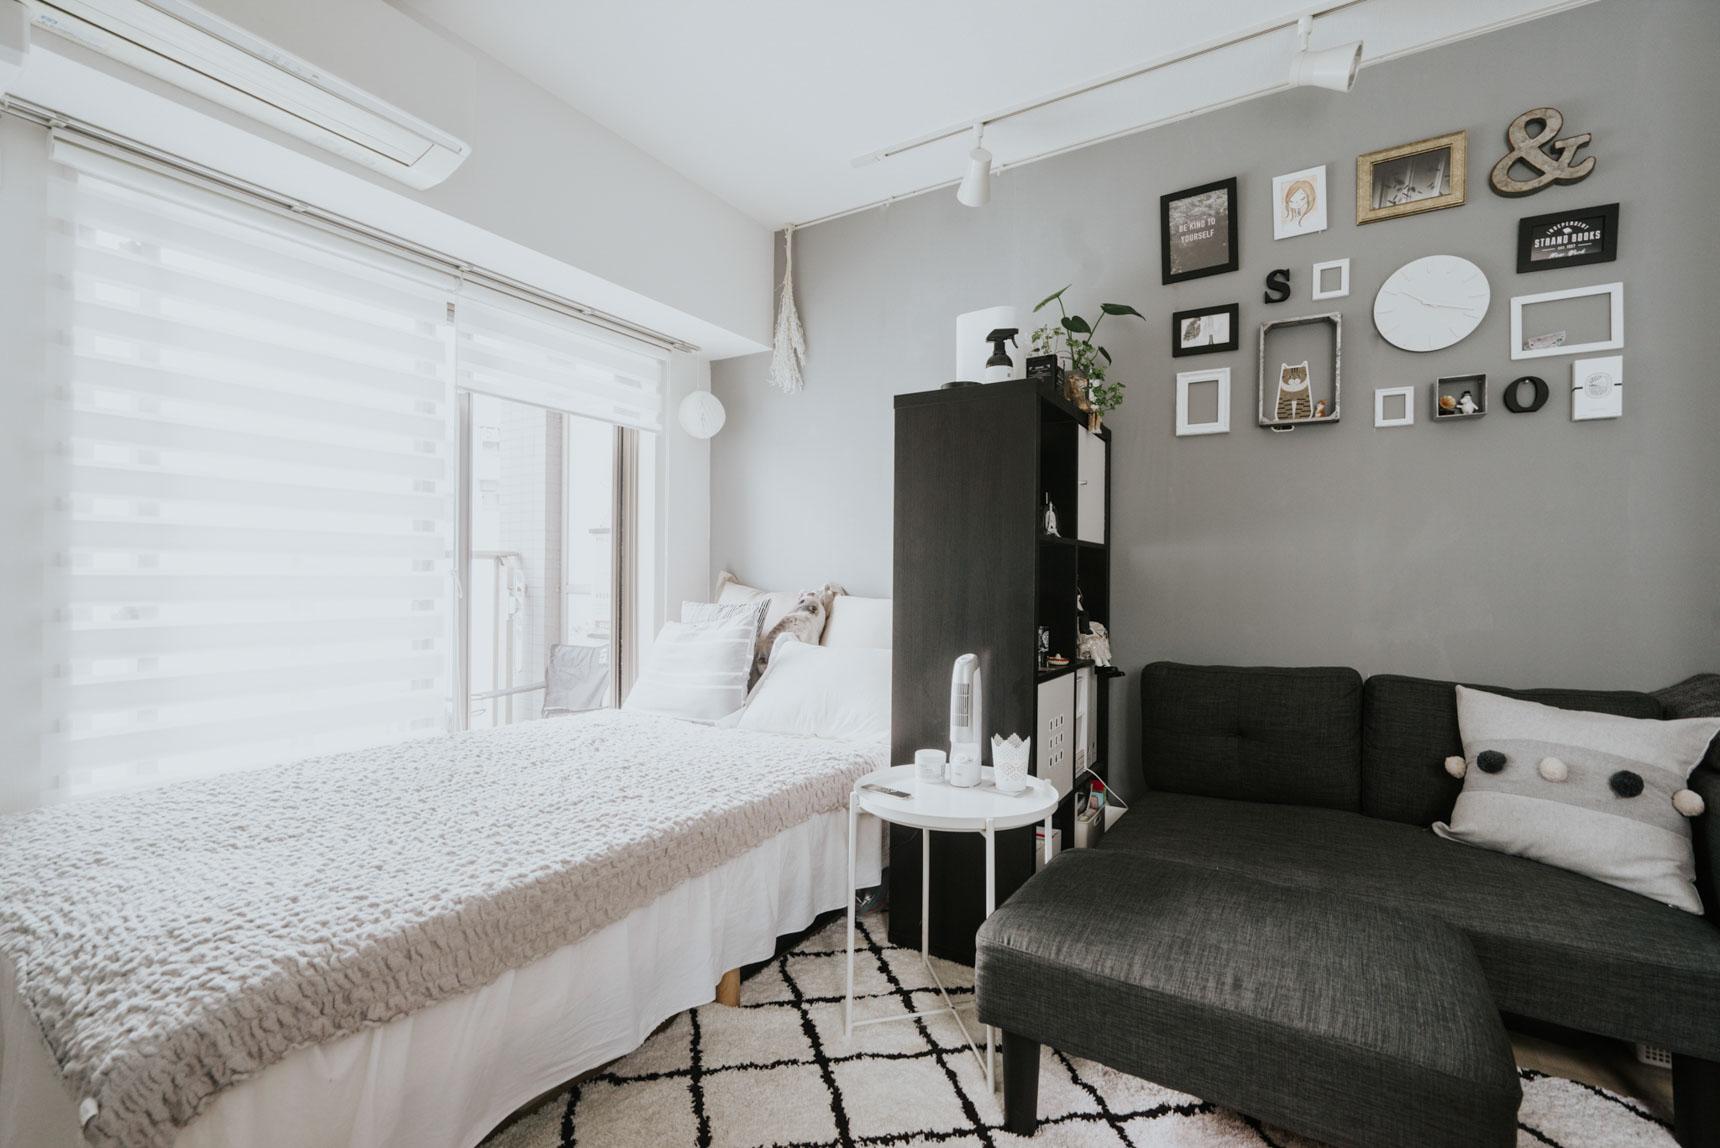 ベッドはセミダブル。プライベートな空間と仕切るためにうまく間仕切りとして棚が使われていて、この配置、なかなかいいなと思っちゃいました。